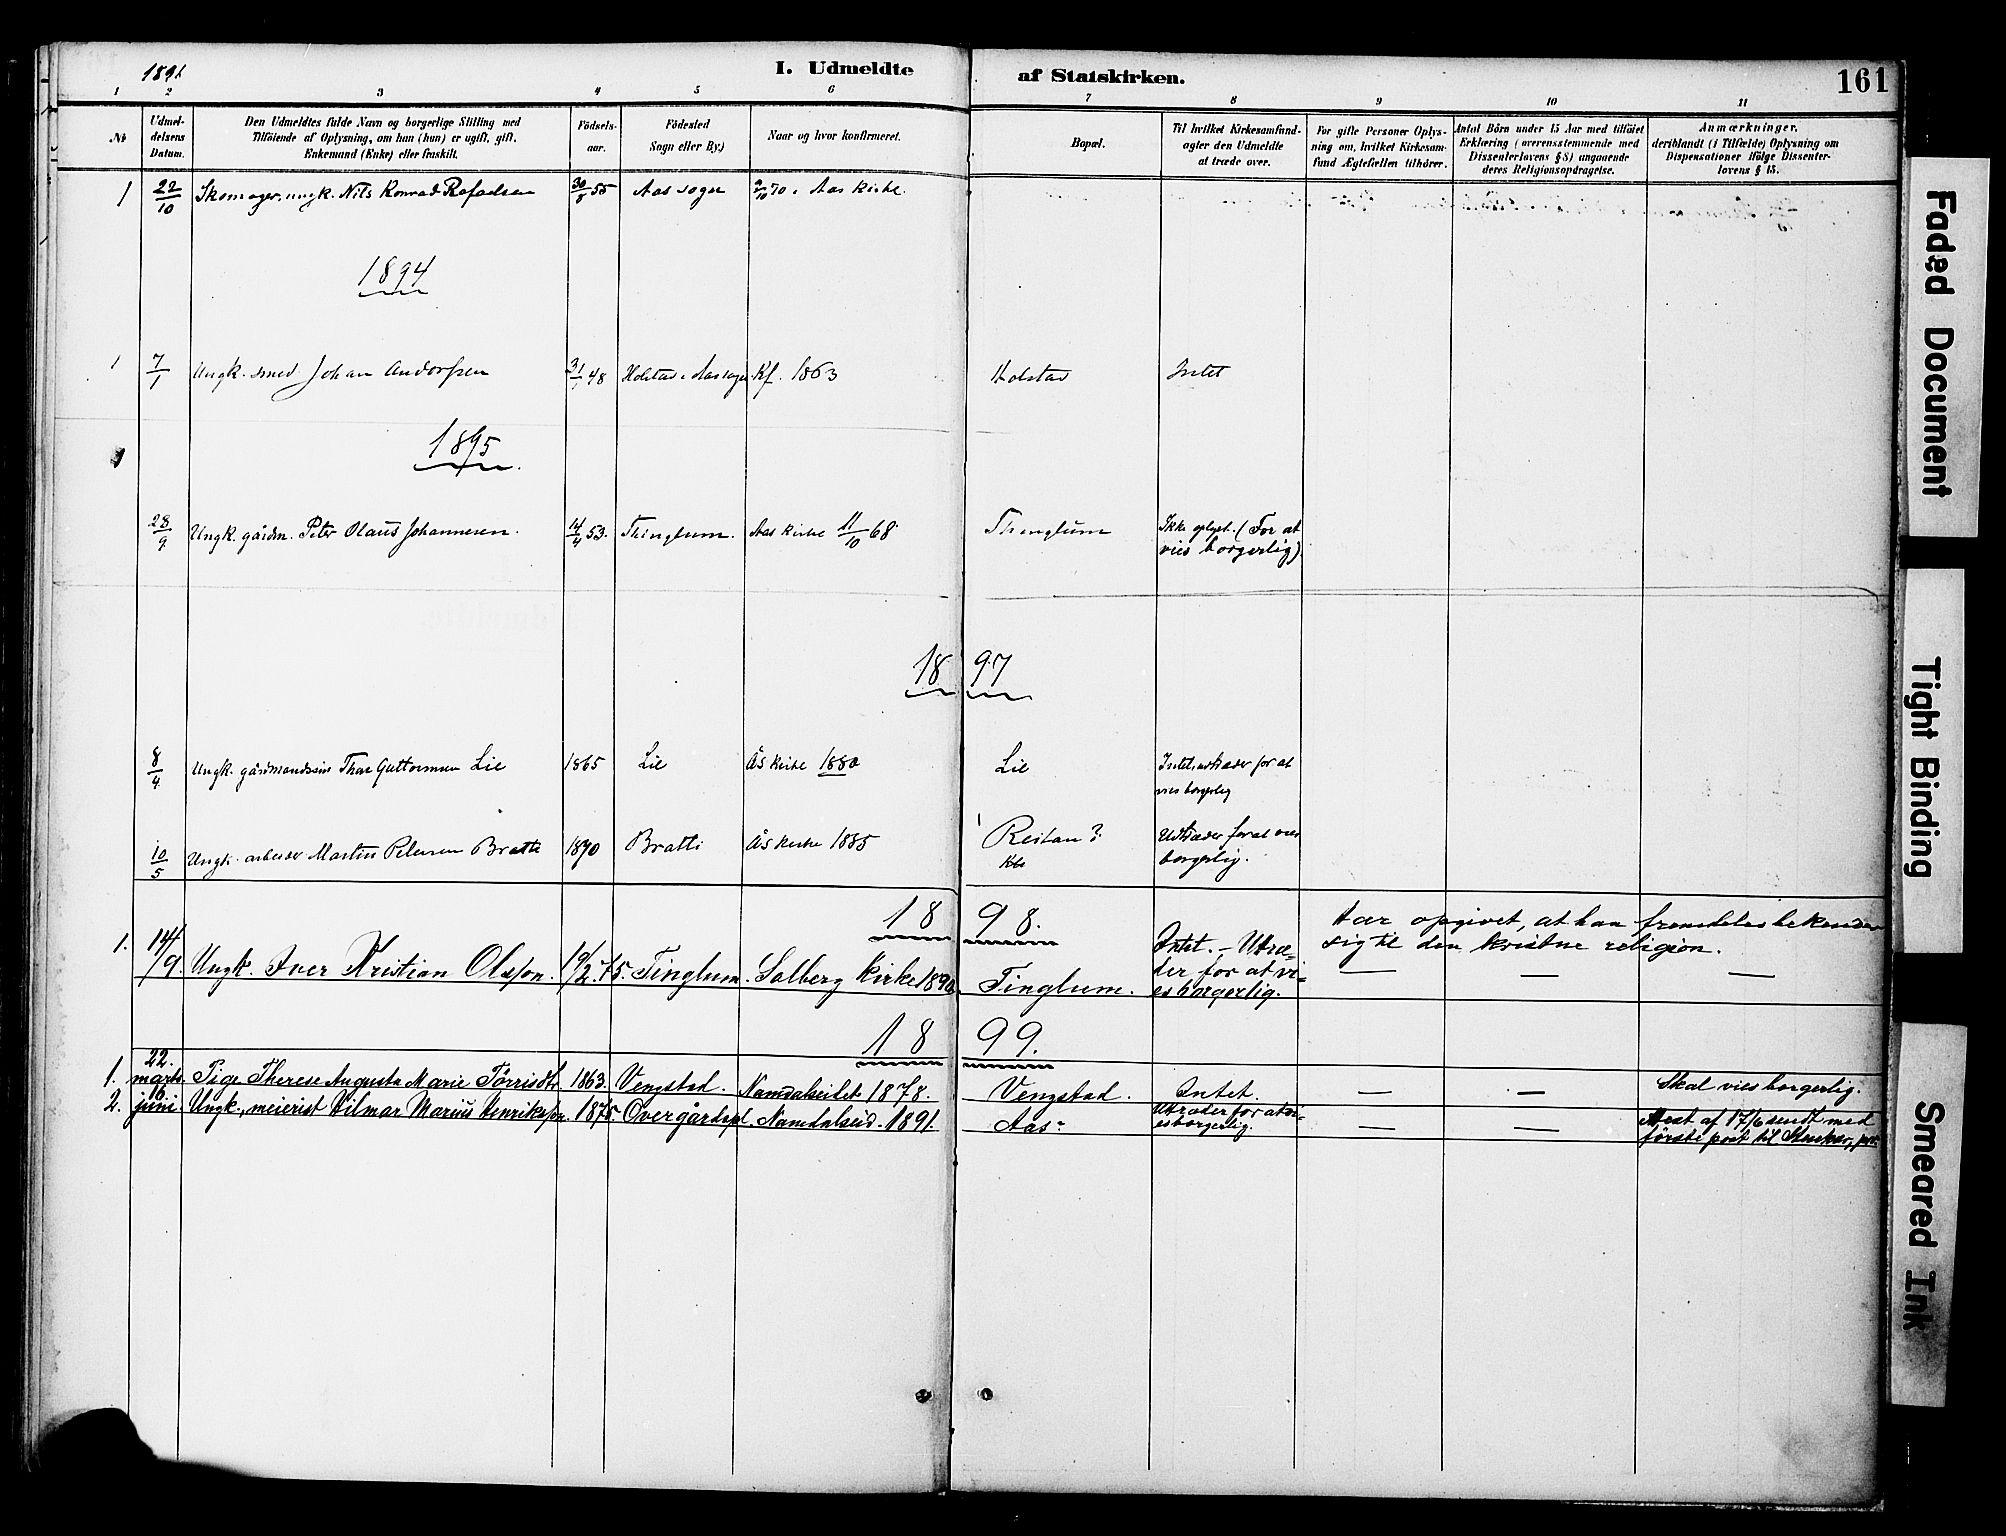 SAT, Ministerialprotokoller, klokkerbøker og fødselsregistre - Nord-Trøndelag, 742/L0409: Ministerialbok nr. 742A02, 1891-1905, s. 161